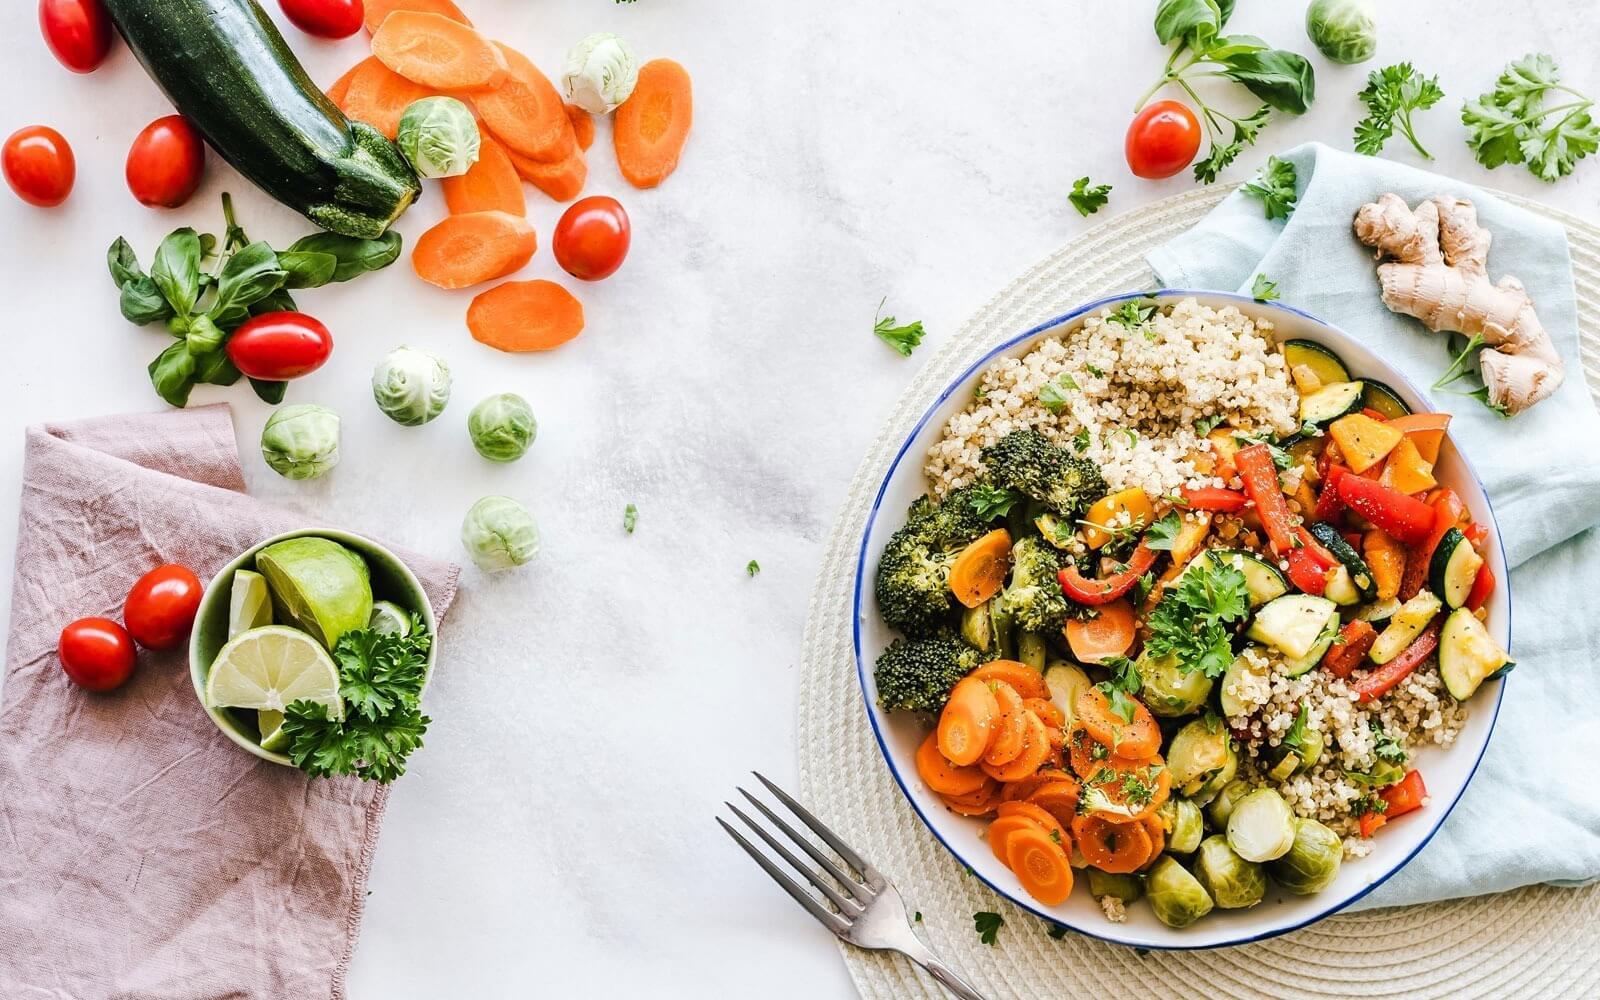 Begini Caranya agar Diabetesi Tetap Bisa Makan Nasi